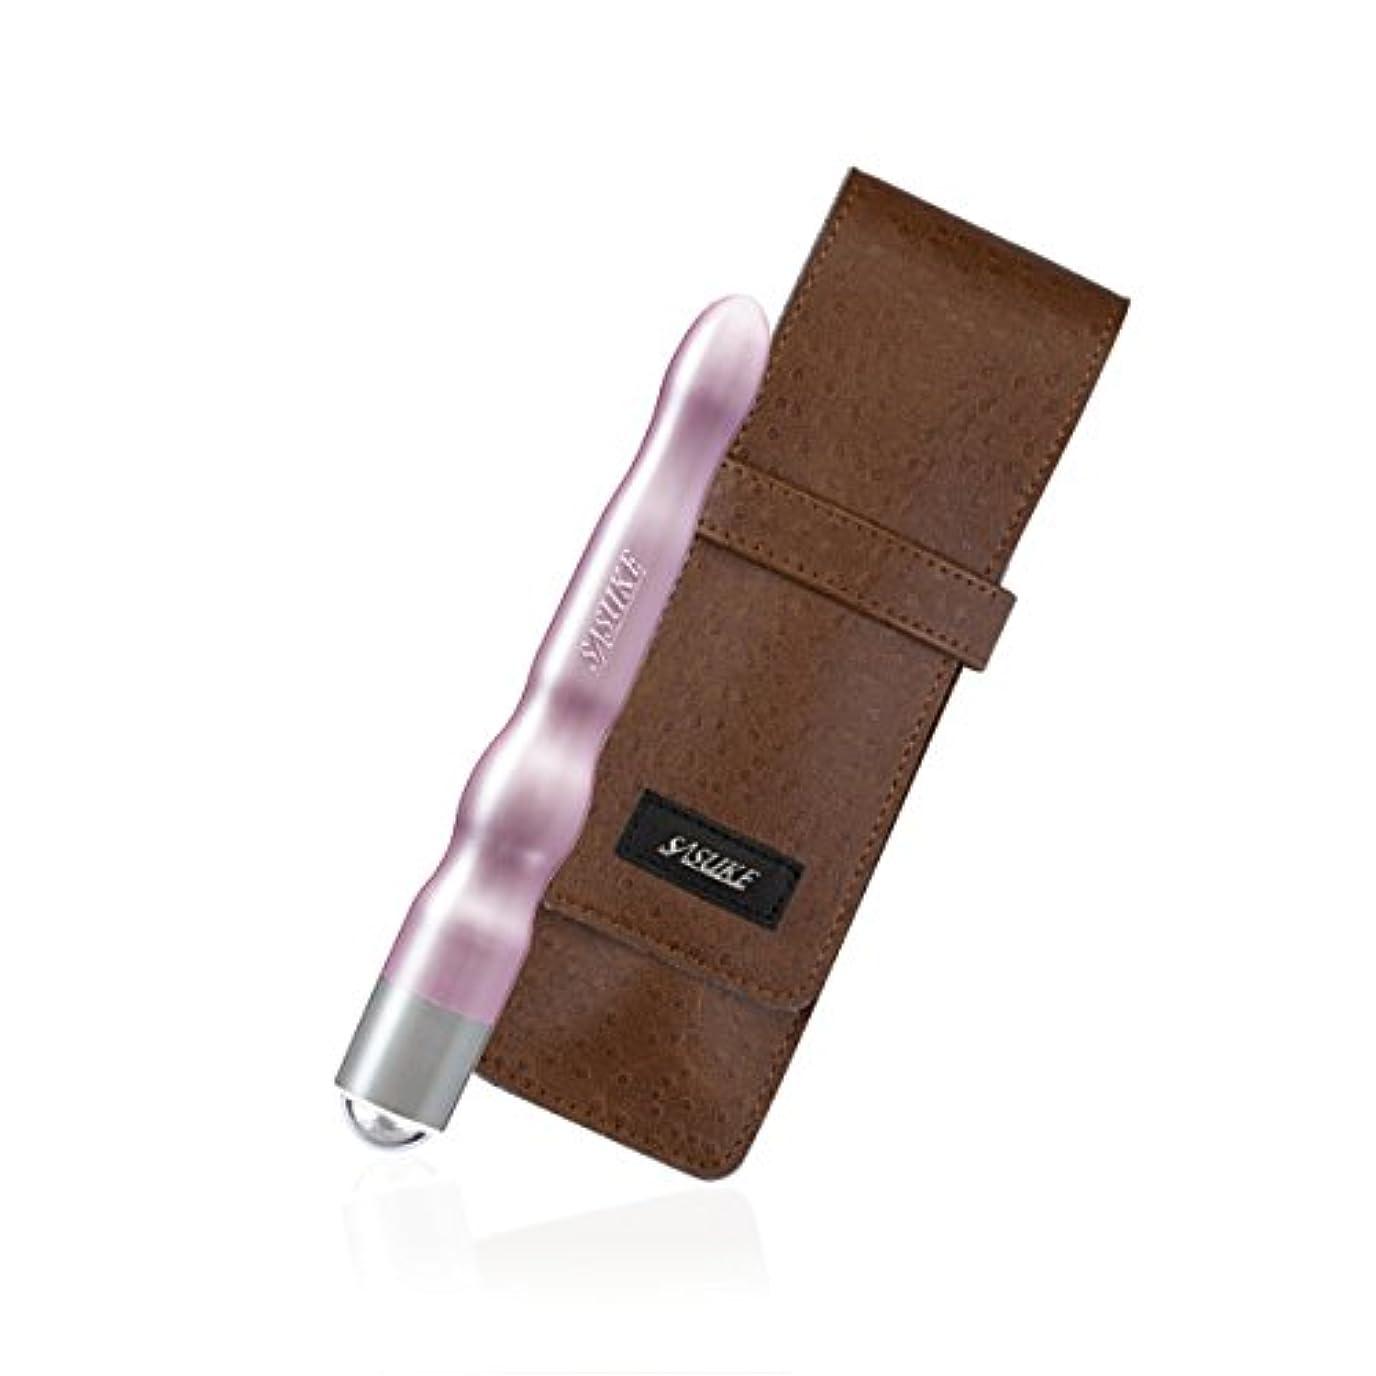 隔離技術的な広告するSASUKE ツボ押しローラー (ローズピンク)+ 専用ケース (クラッシックブラウン)セット